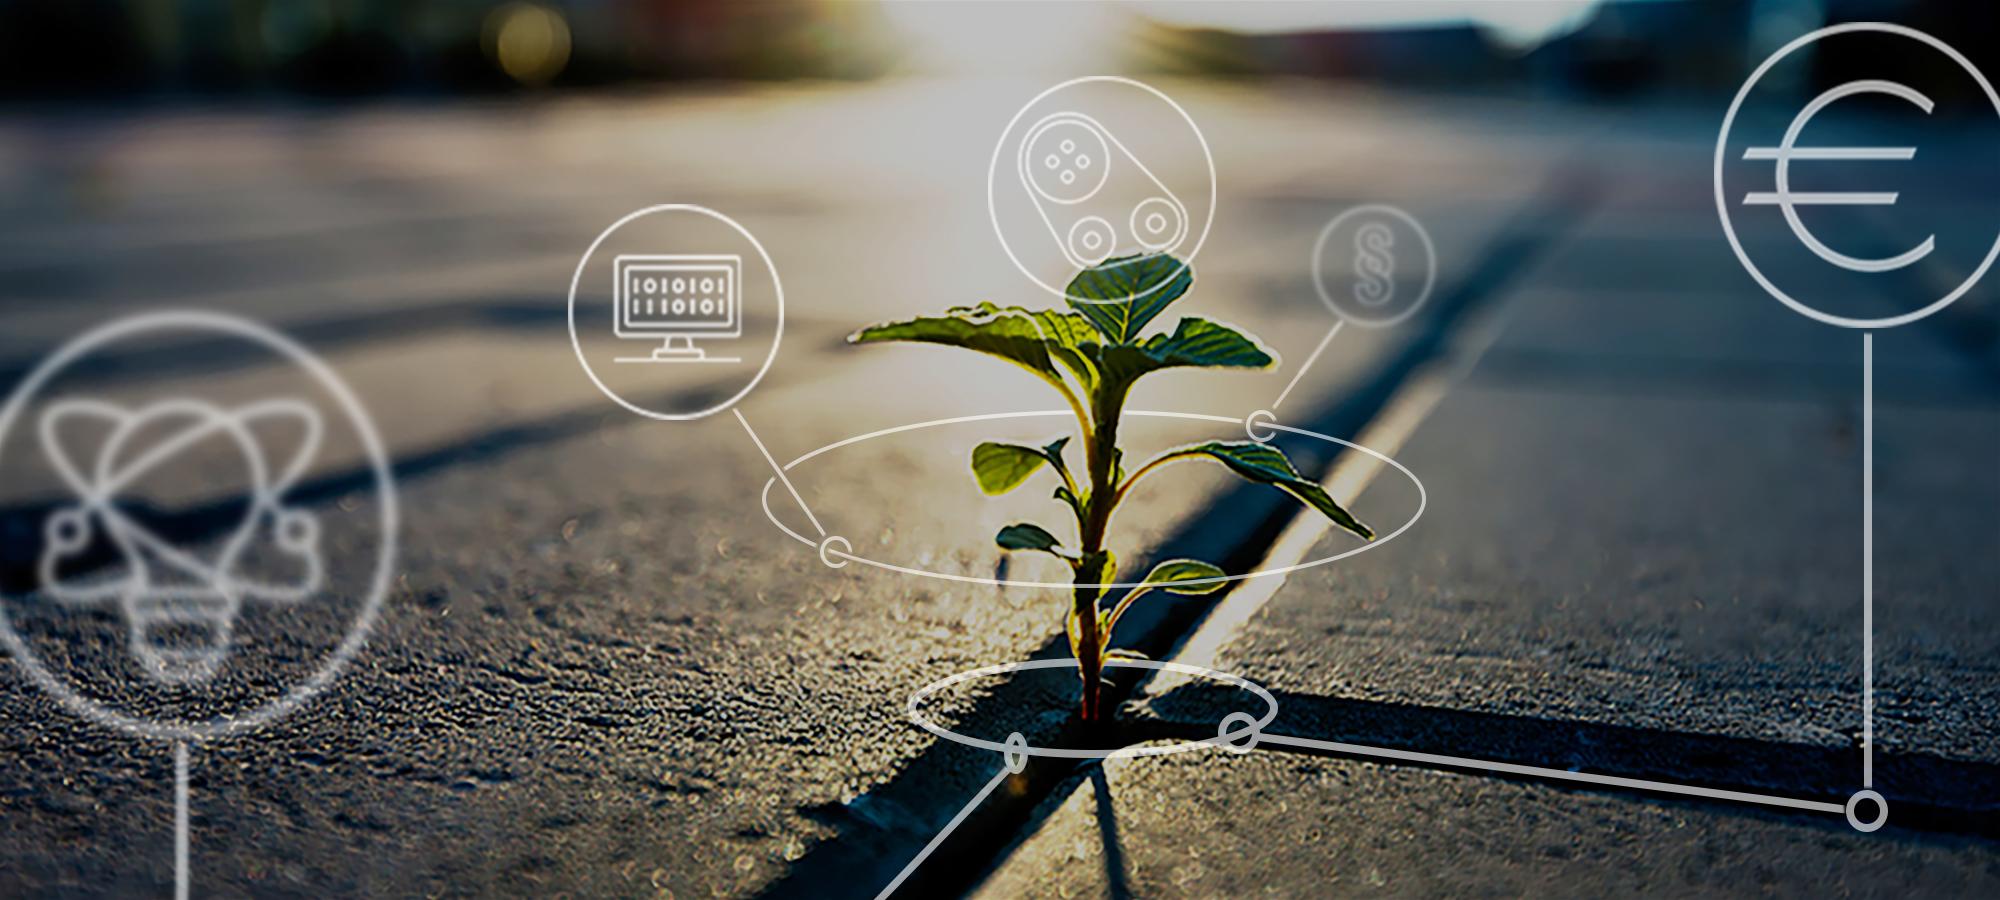 Business Innovation Partner für Geschäftsmodell-Innovationen